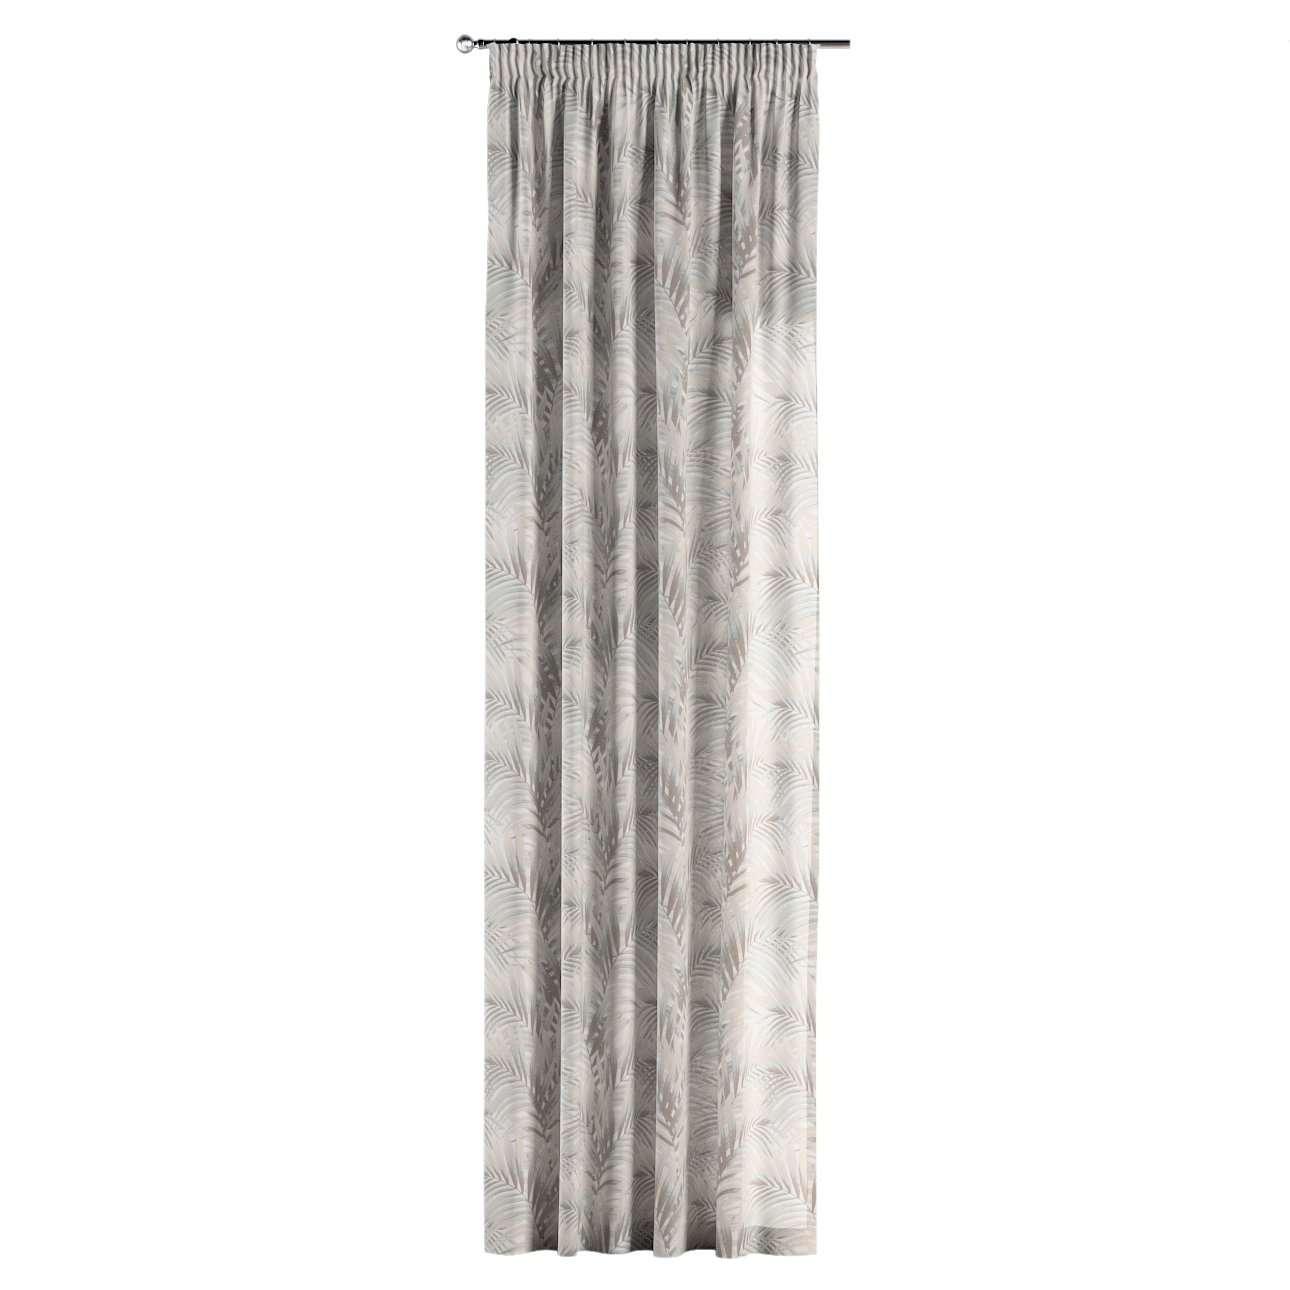 Zasłona na taśmie marszczącej 1 szt. w kolekcji Gardenia, tkanina: 142-14